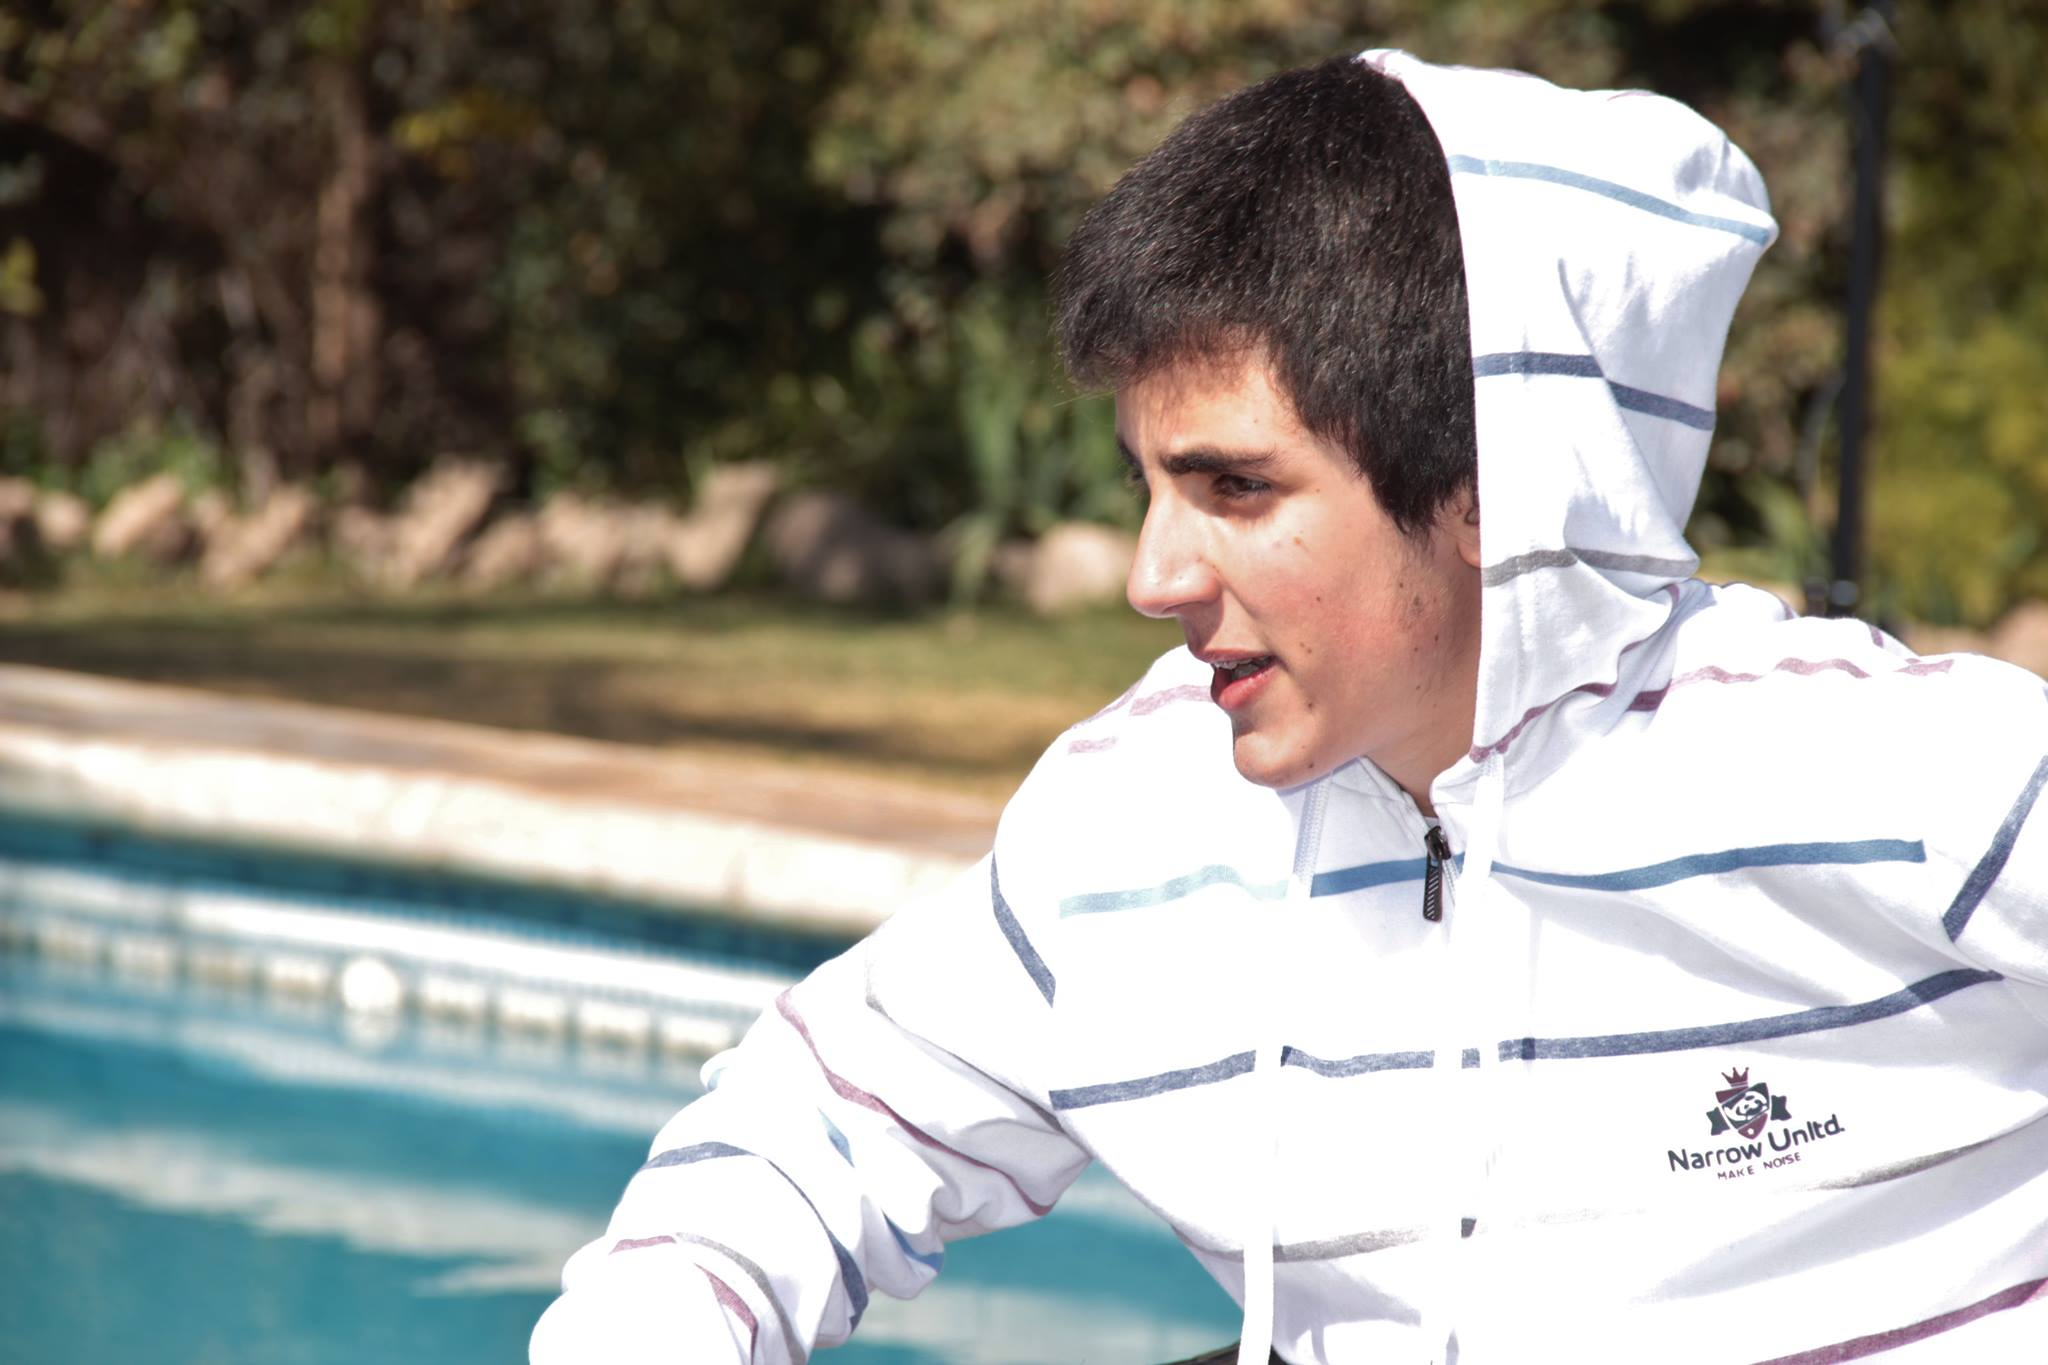 Emilio Azerrad